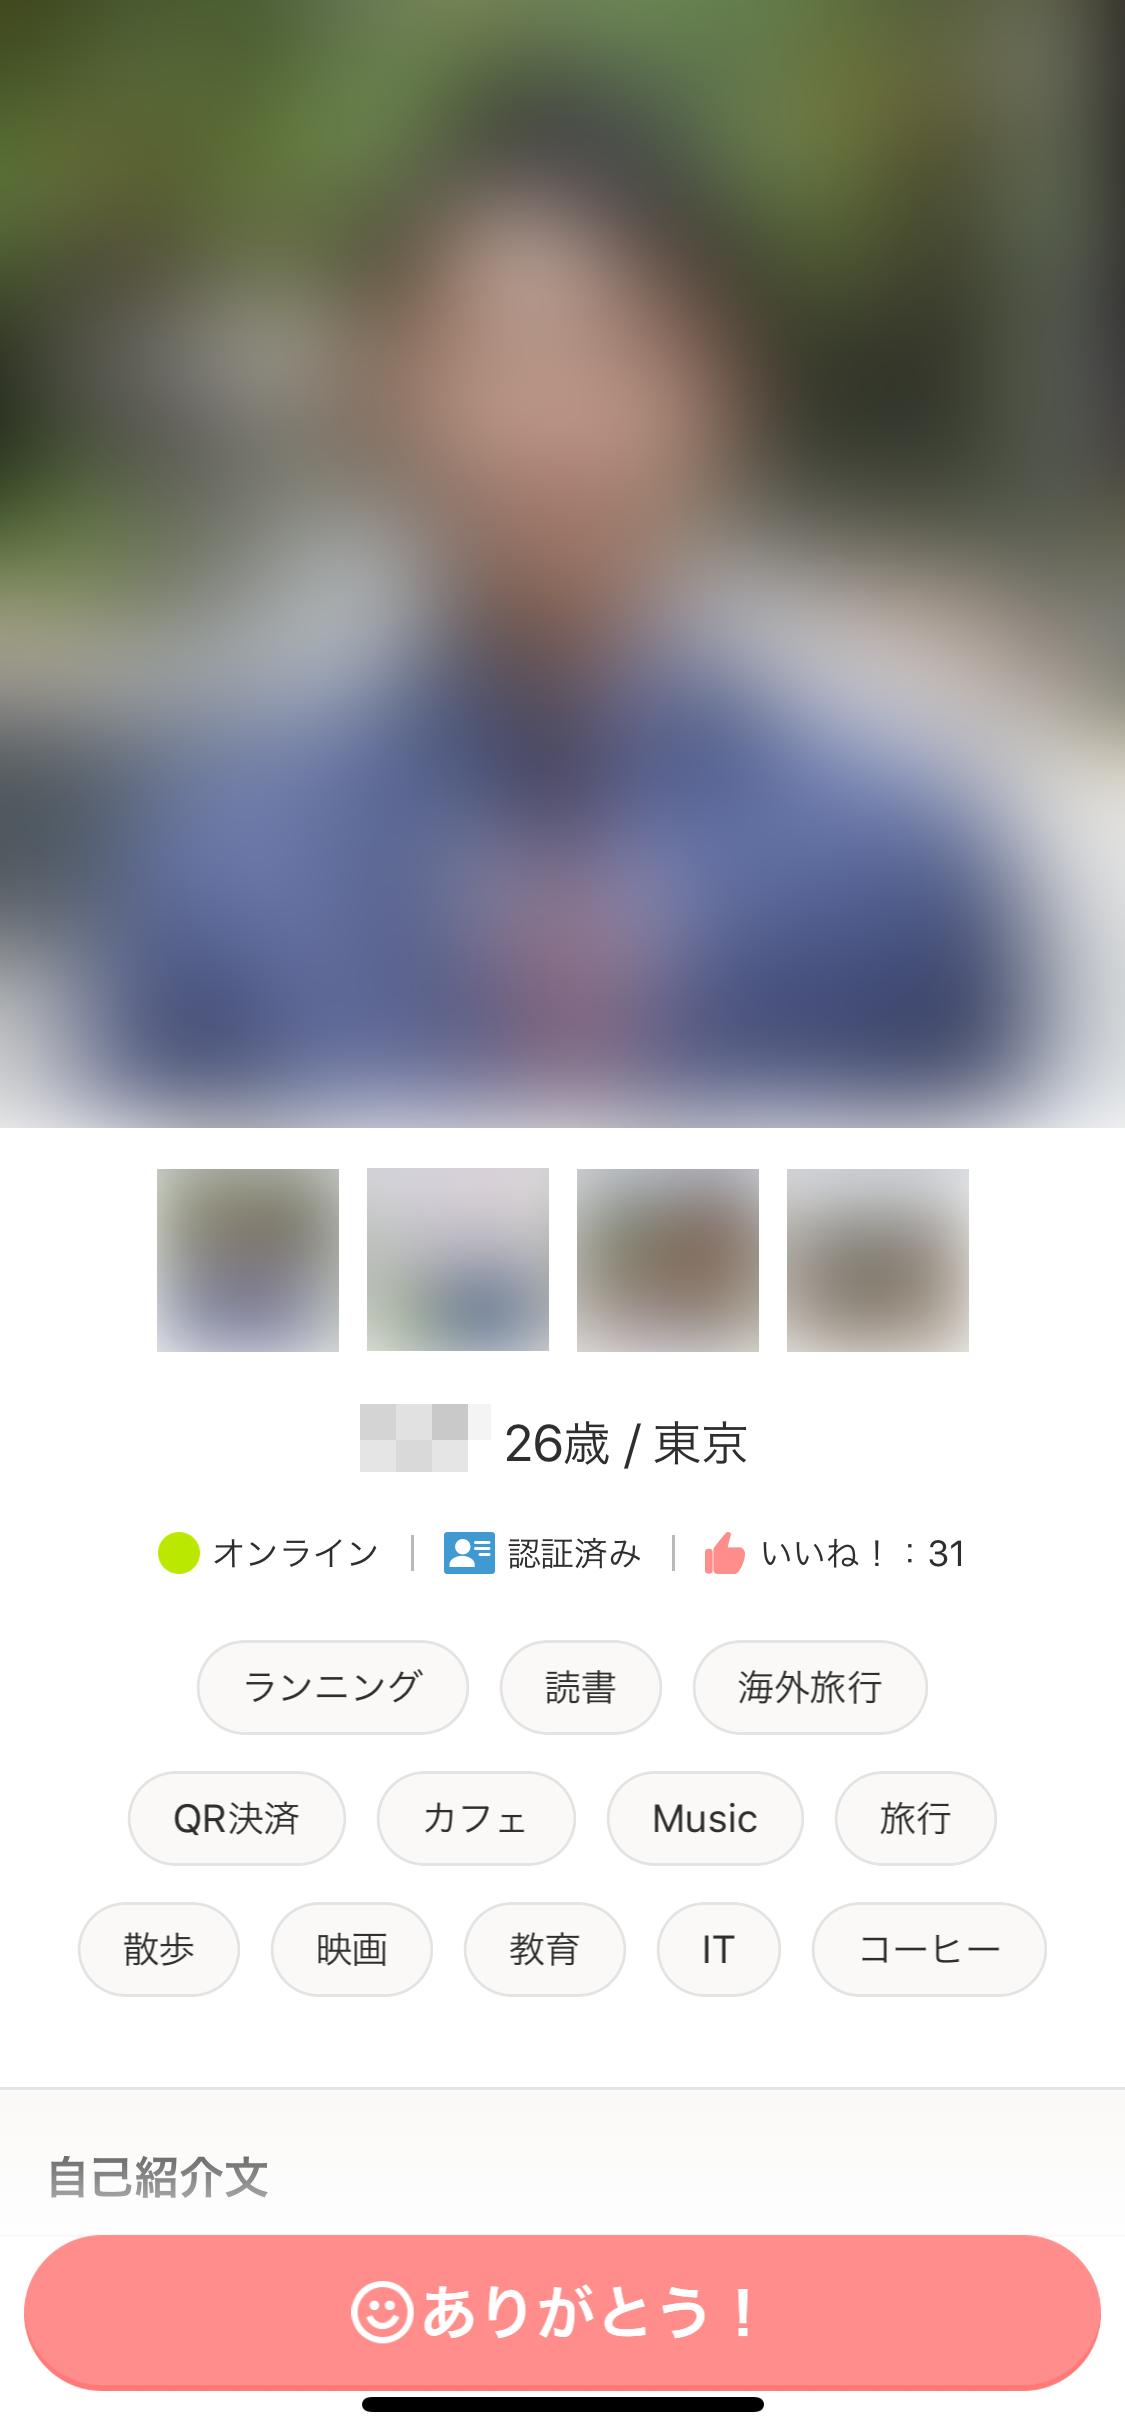 Omiaiの使い方 STEP4:「ありがとう」を返す